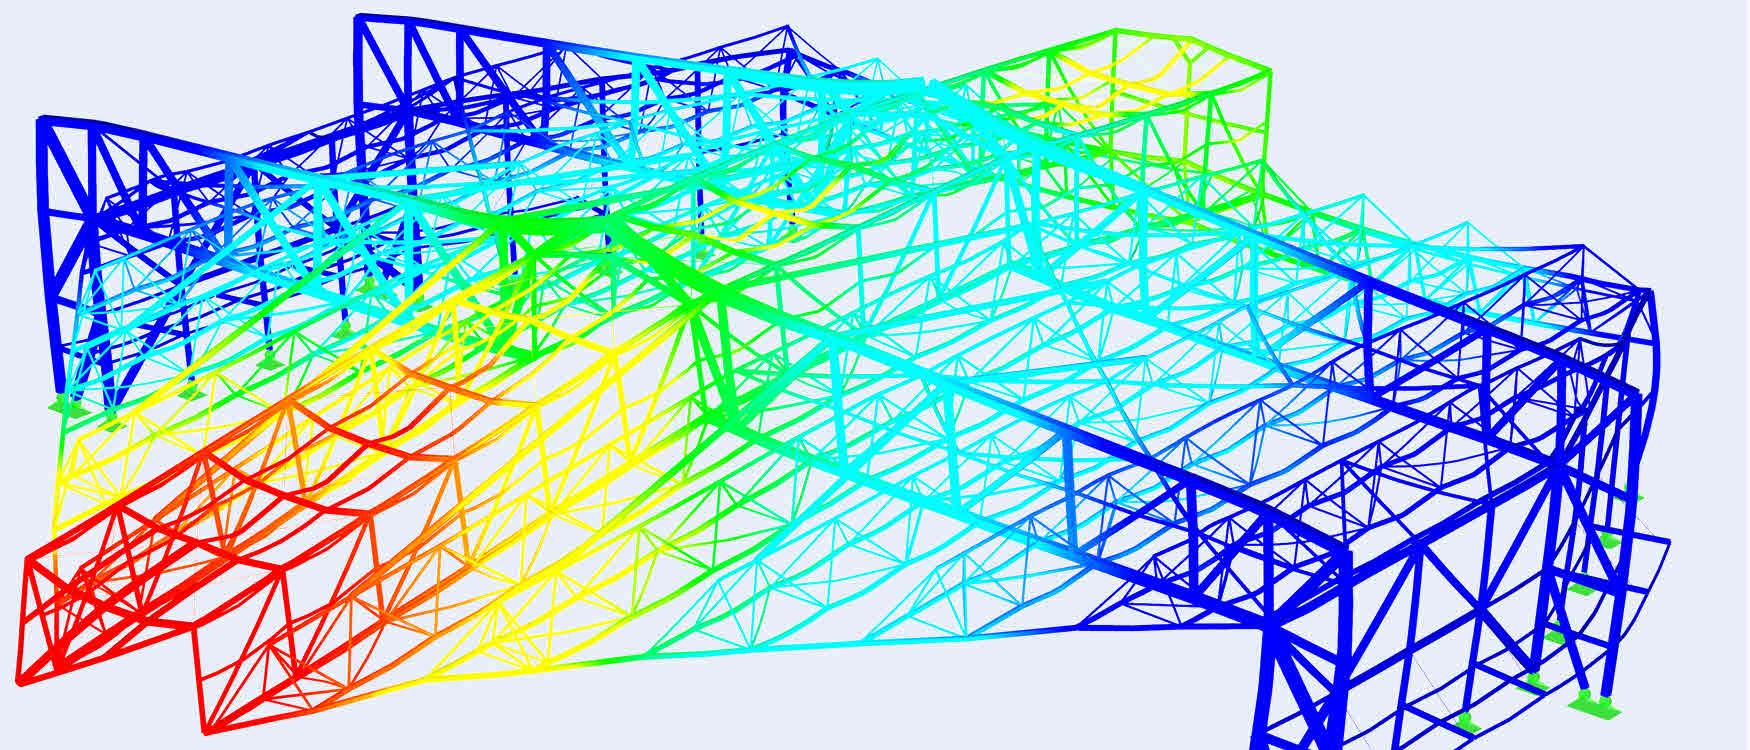 Schallschutzhall vervormingen staalconstructie_(C)www.wtm-engineers.de